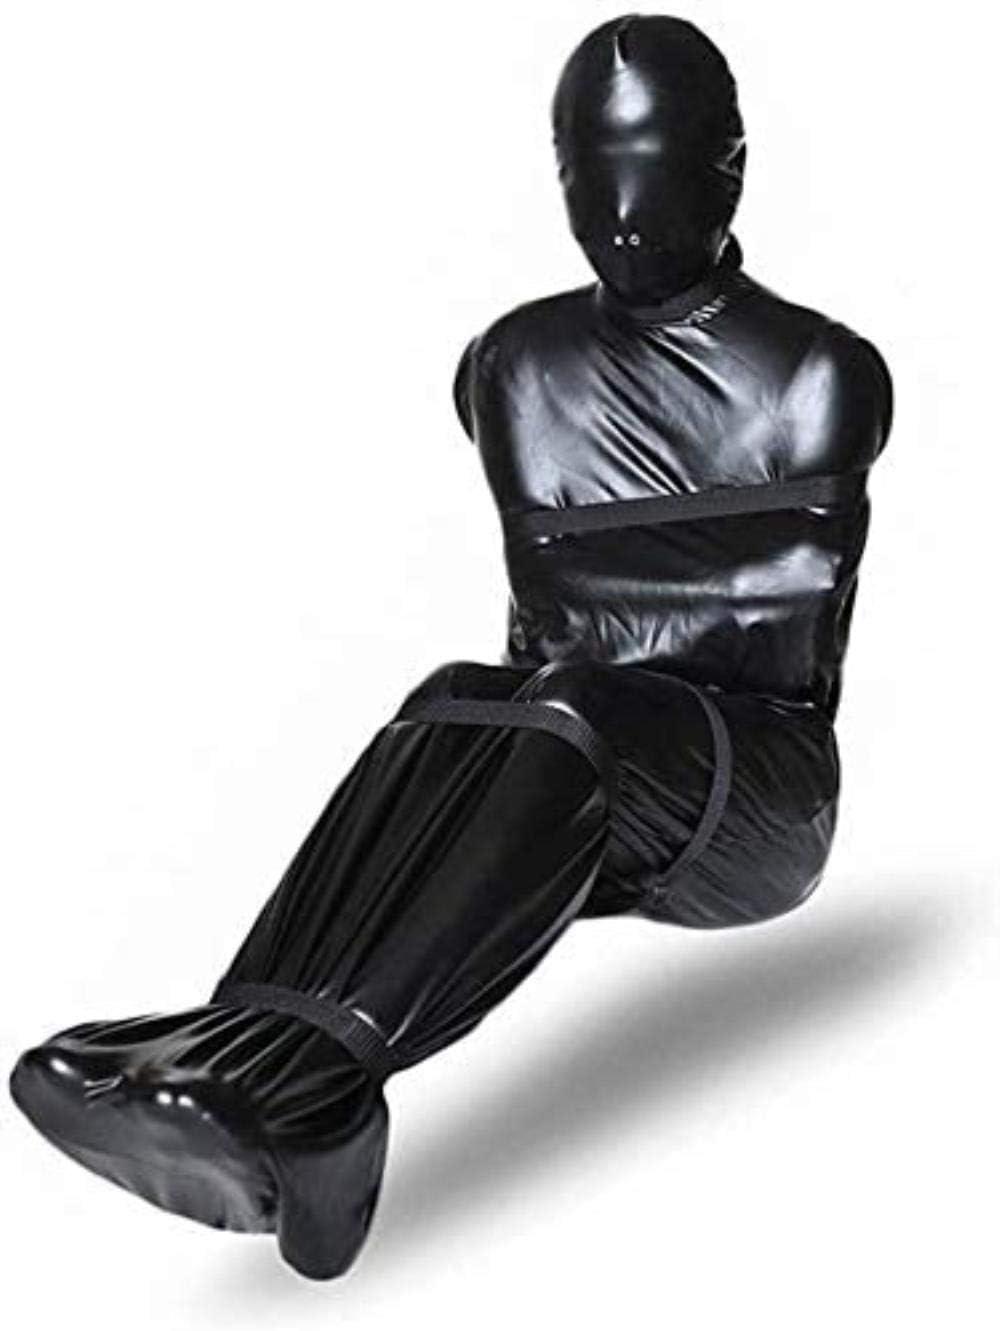 XDHN Ropa De Bondage/Saco De Dormir, Camisa De Fuerza De Cuero, Lencería Erótica SM Sistema De Sujeción De Pies Y Manos para Todo El Cuerpo Sistema De Sujeción, Juego Fetiche Esclavo Juguetes: